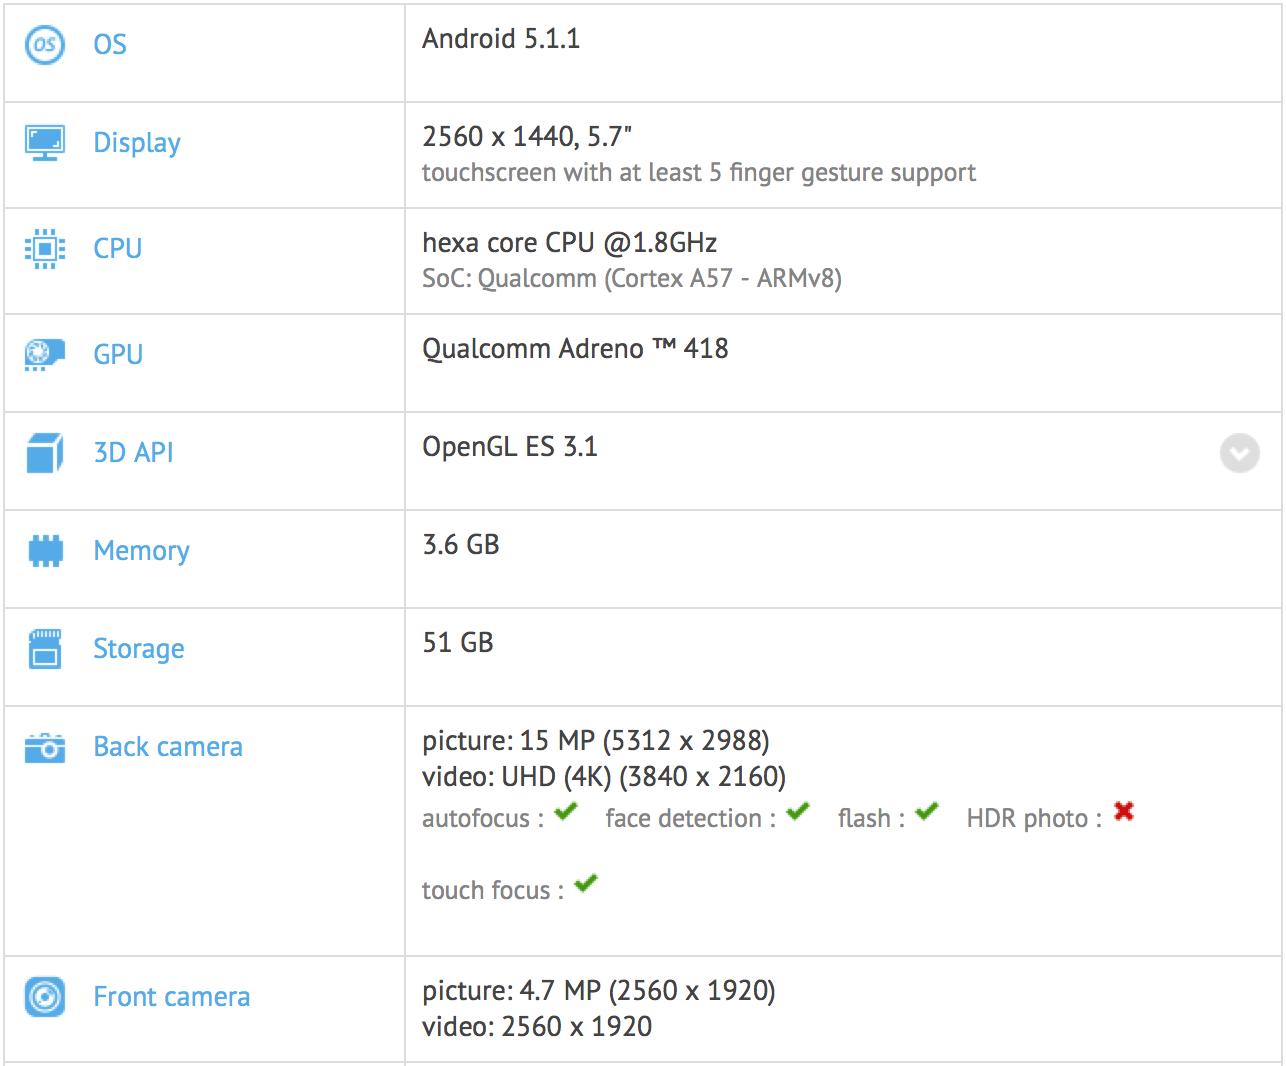 LH G Pro 4 - LG G4 Pro trang bị màn hình 5.7'' và RAM 4GB